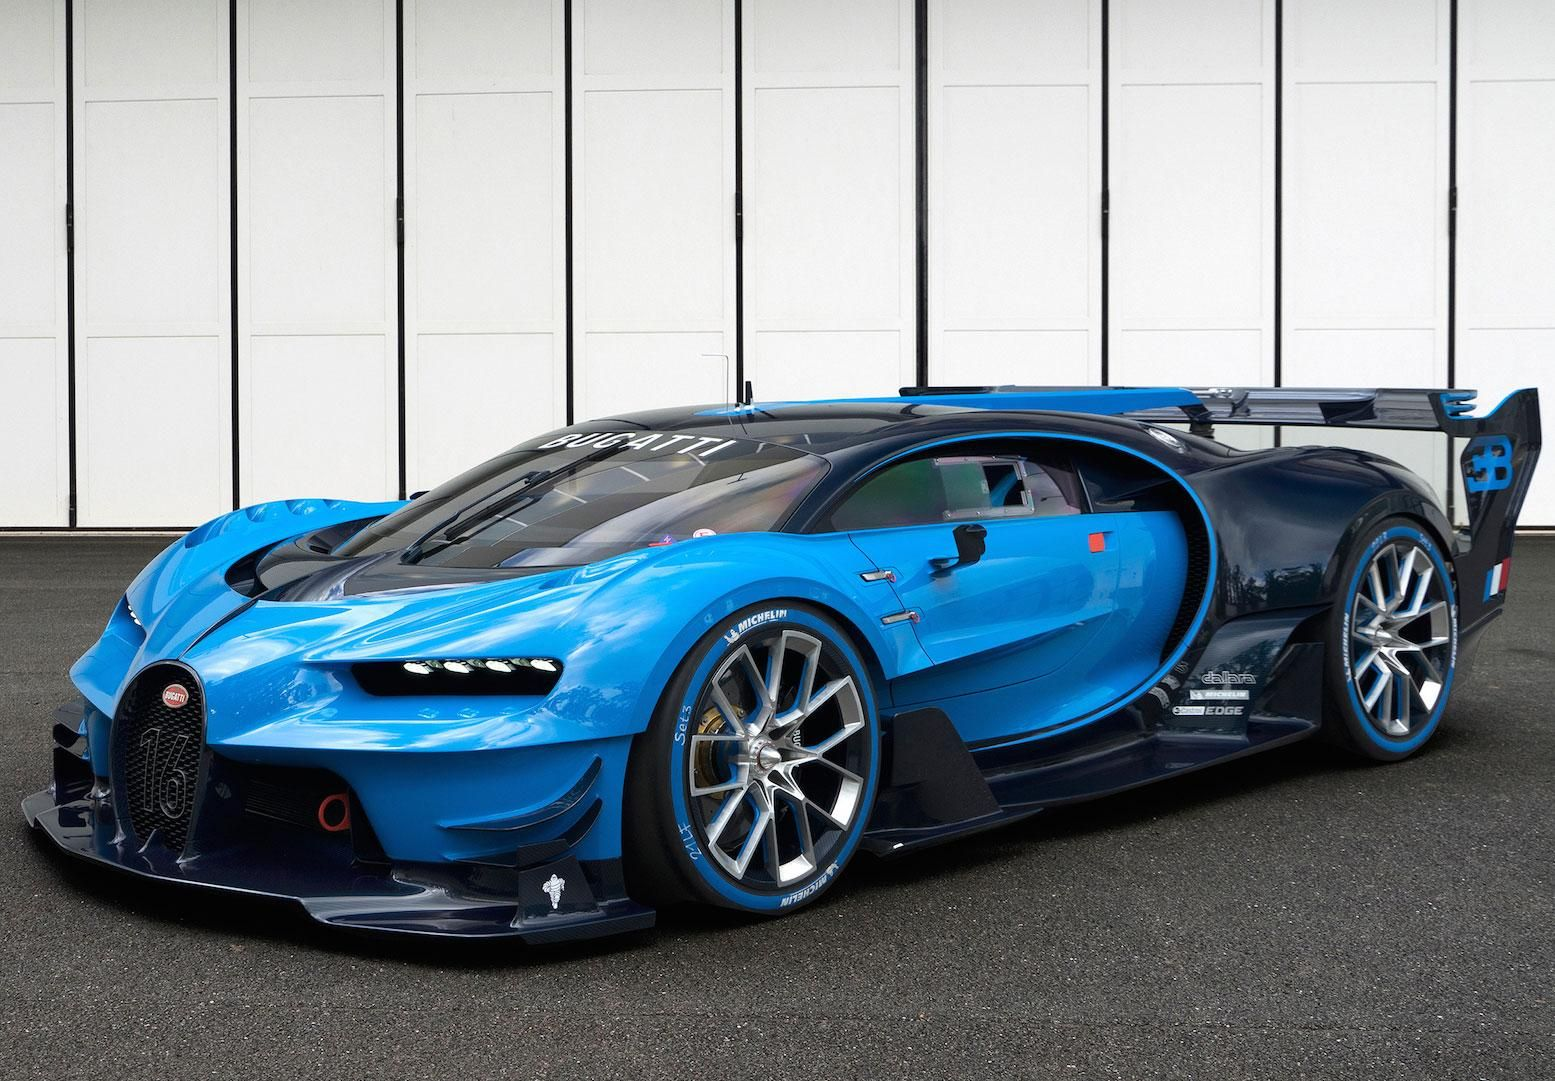 Making Bugatti S Hyper Performance Concept Car The Vision Gran Turismo Fast Sports Cars Bugatti Cars Bugatti Chiron